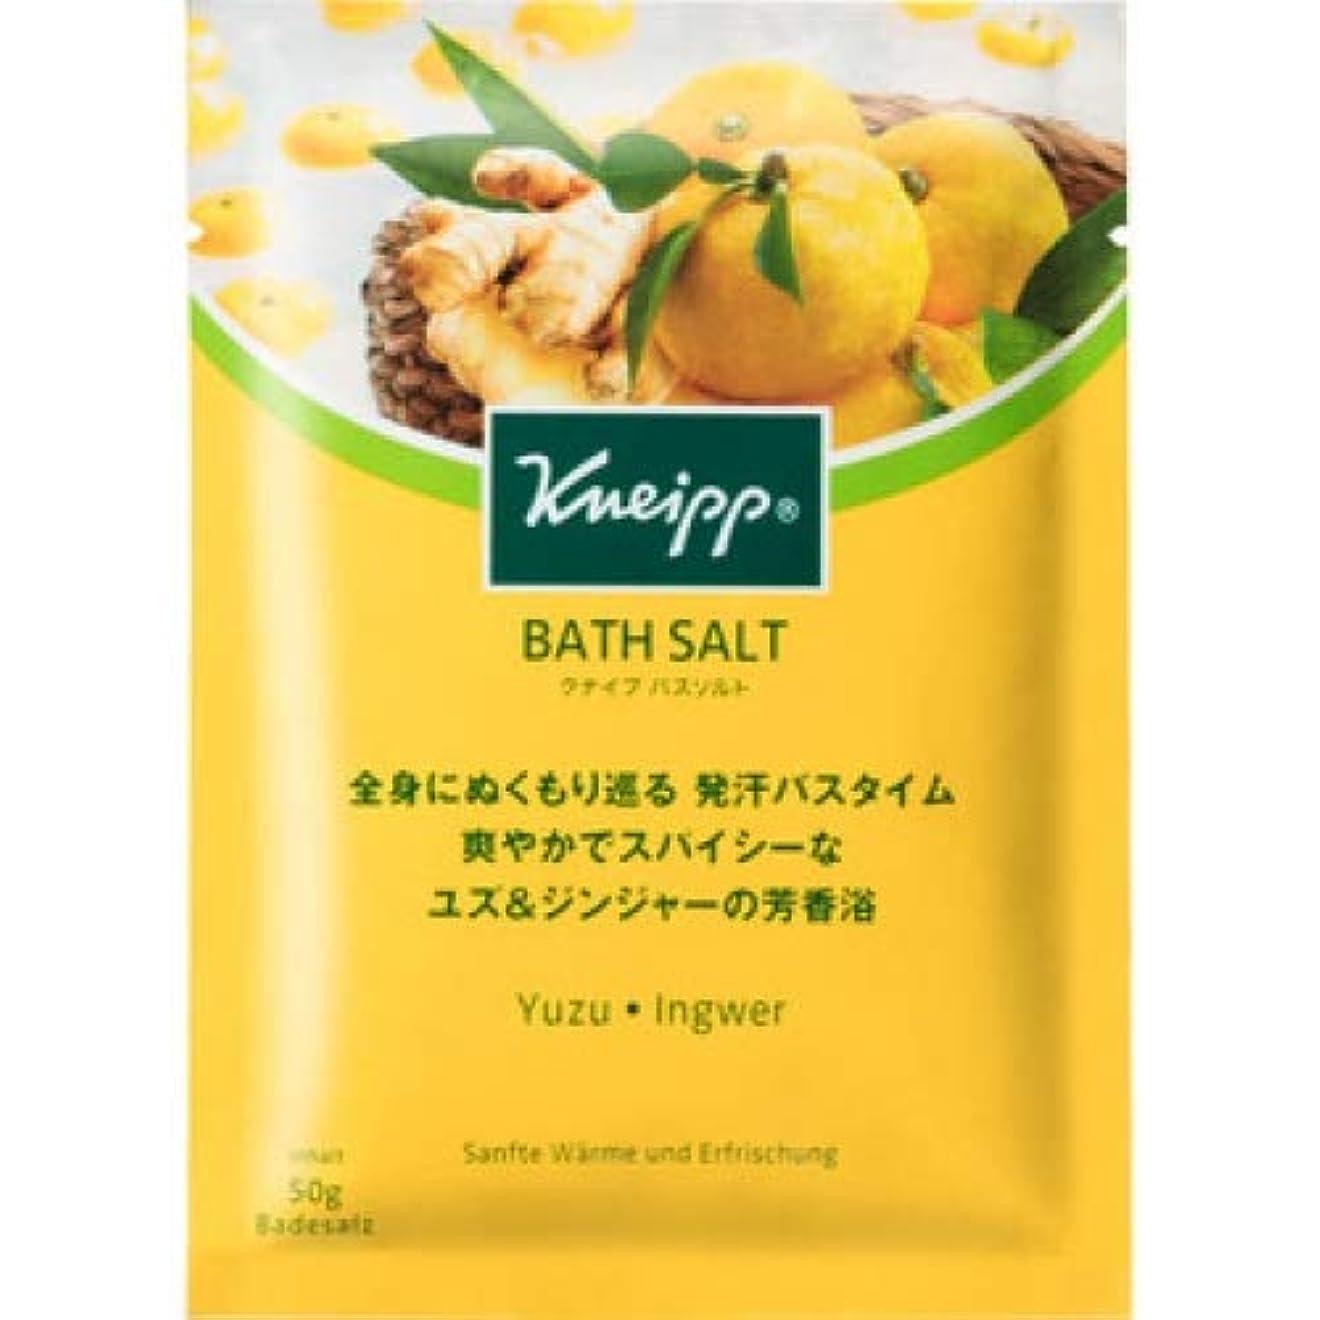 締める価値ラベルドイツ製バスソルト KNEIPP クナイプ バスソルト ユズ&ジンジャーの香り (50g) 入浴剤